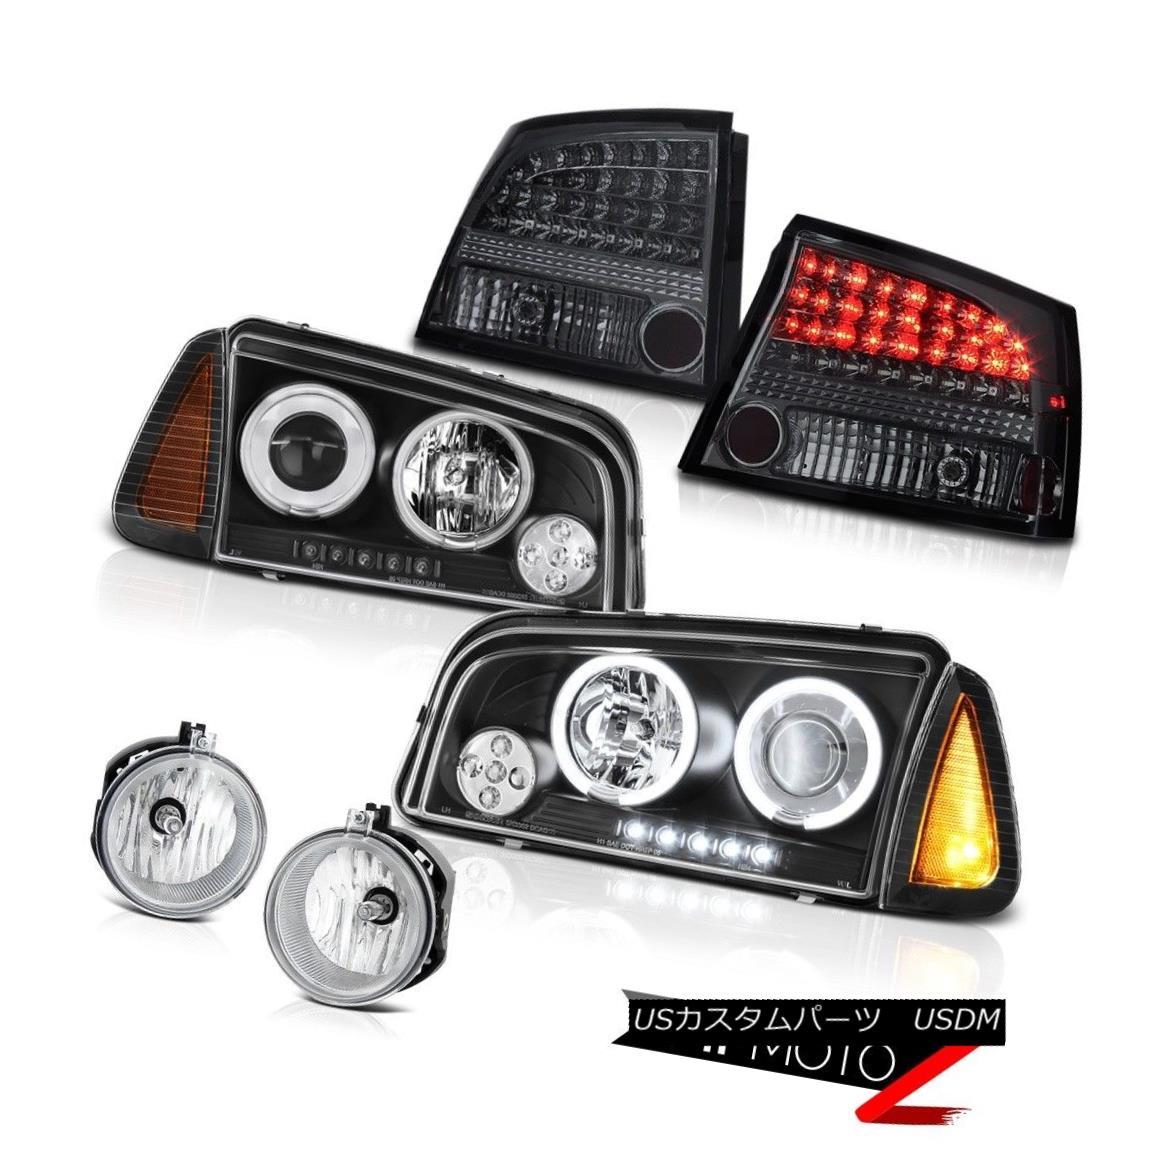 テールライト 2009-2010 Dodge Charger DUB Euro clear foglights taillamps signal lamp headlamps 2009-2010ダッジチャージャーDUBユーロクリアフォグライトテールランプ信号ランプヘッドランプ